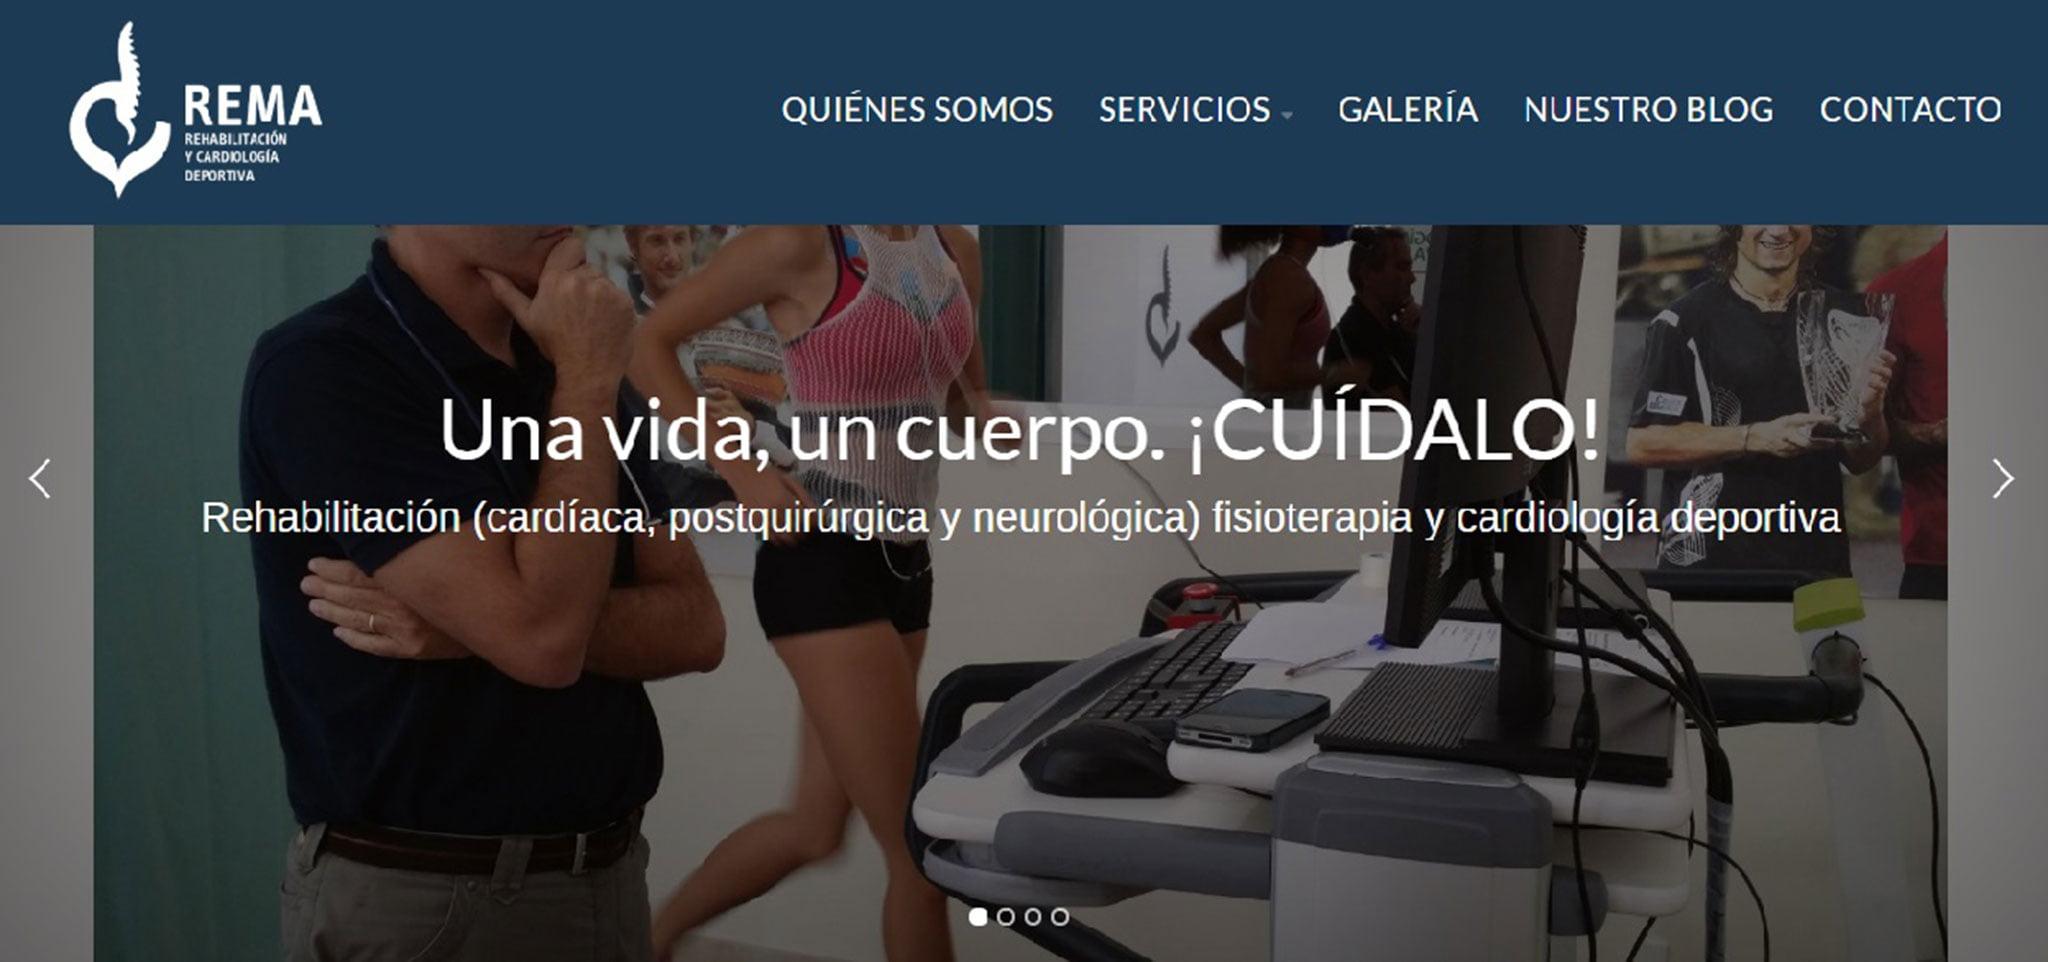 Imagen de la nueva web de REMA (Rehabilitación Marina Alta)